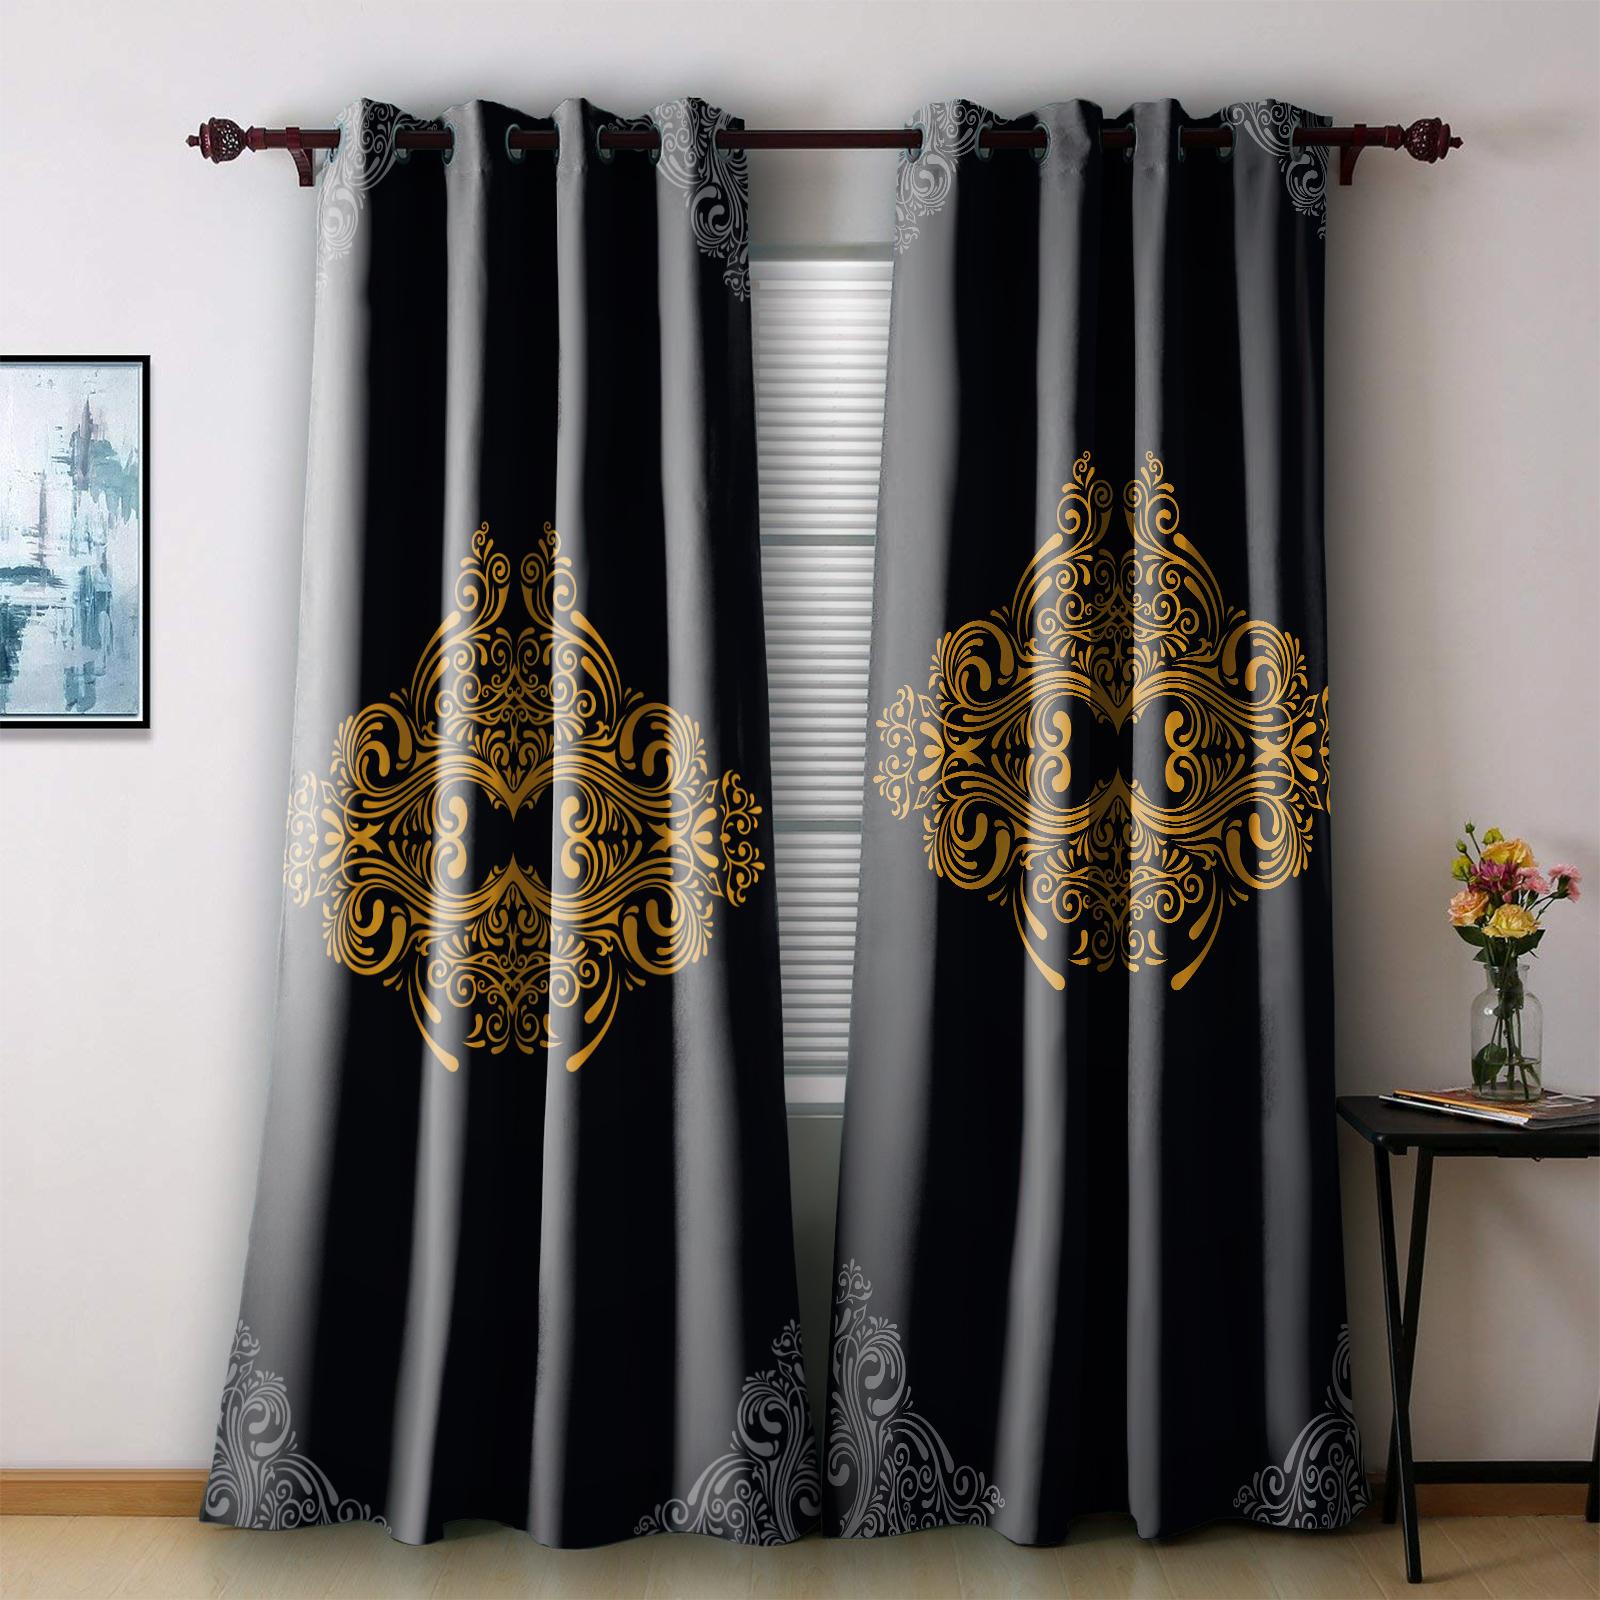 تصویر از پرده مدل curtain633